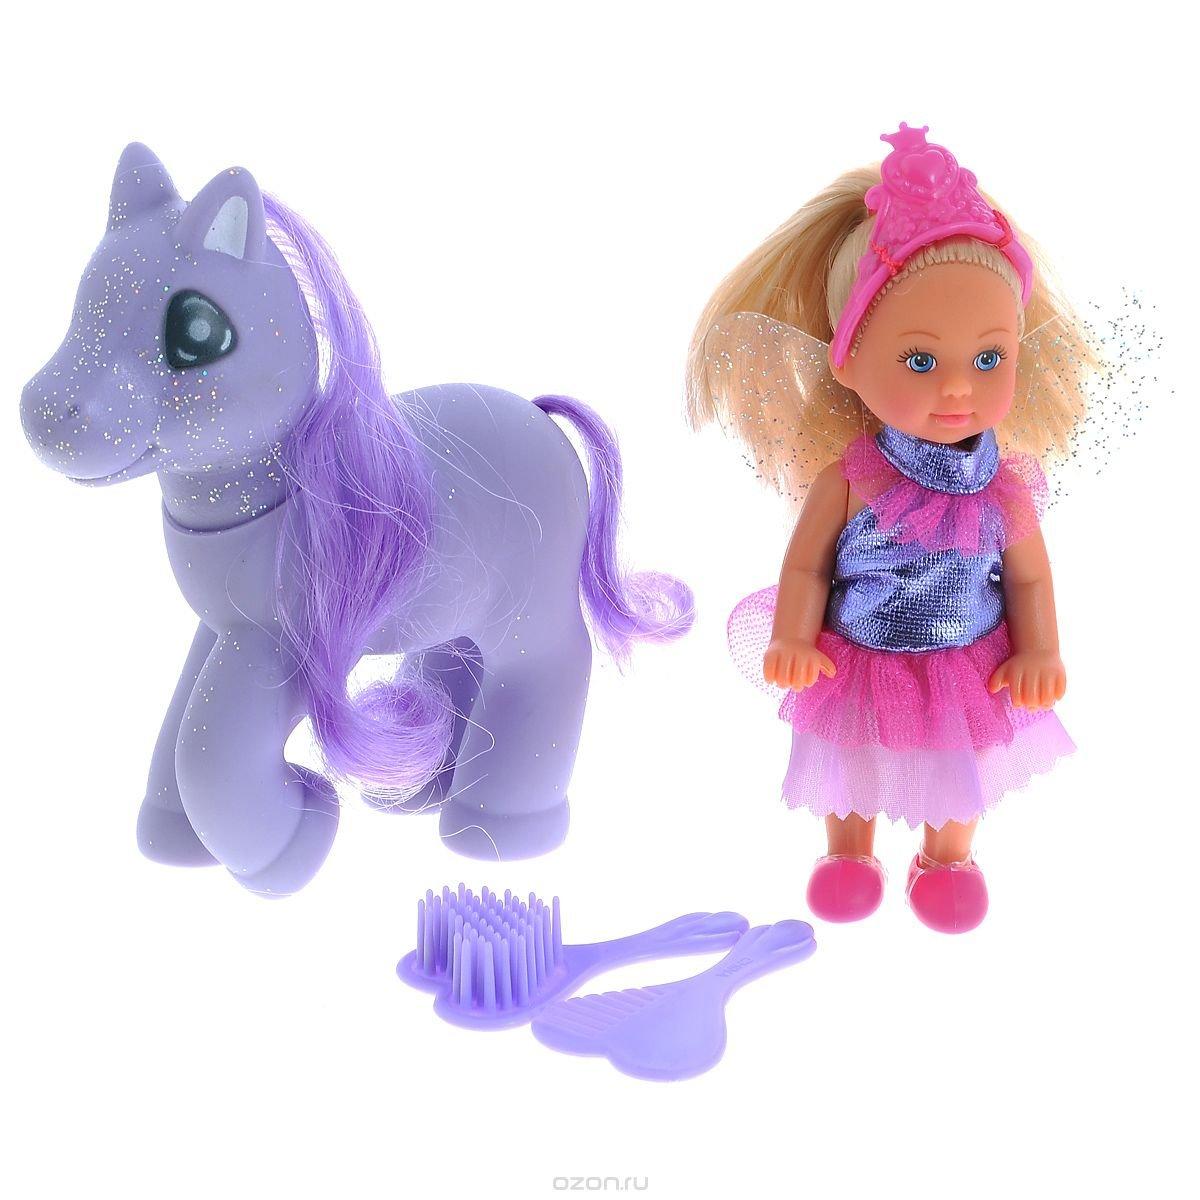 Картинки для детей игрушки для девочек